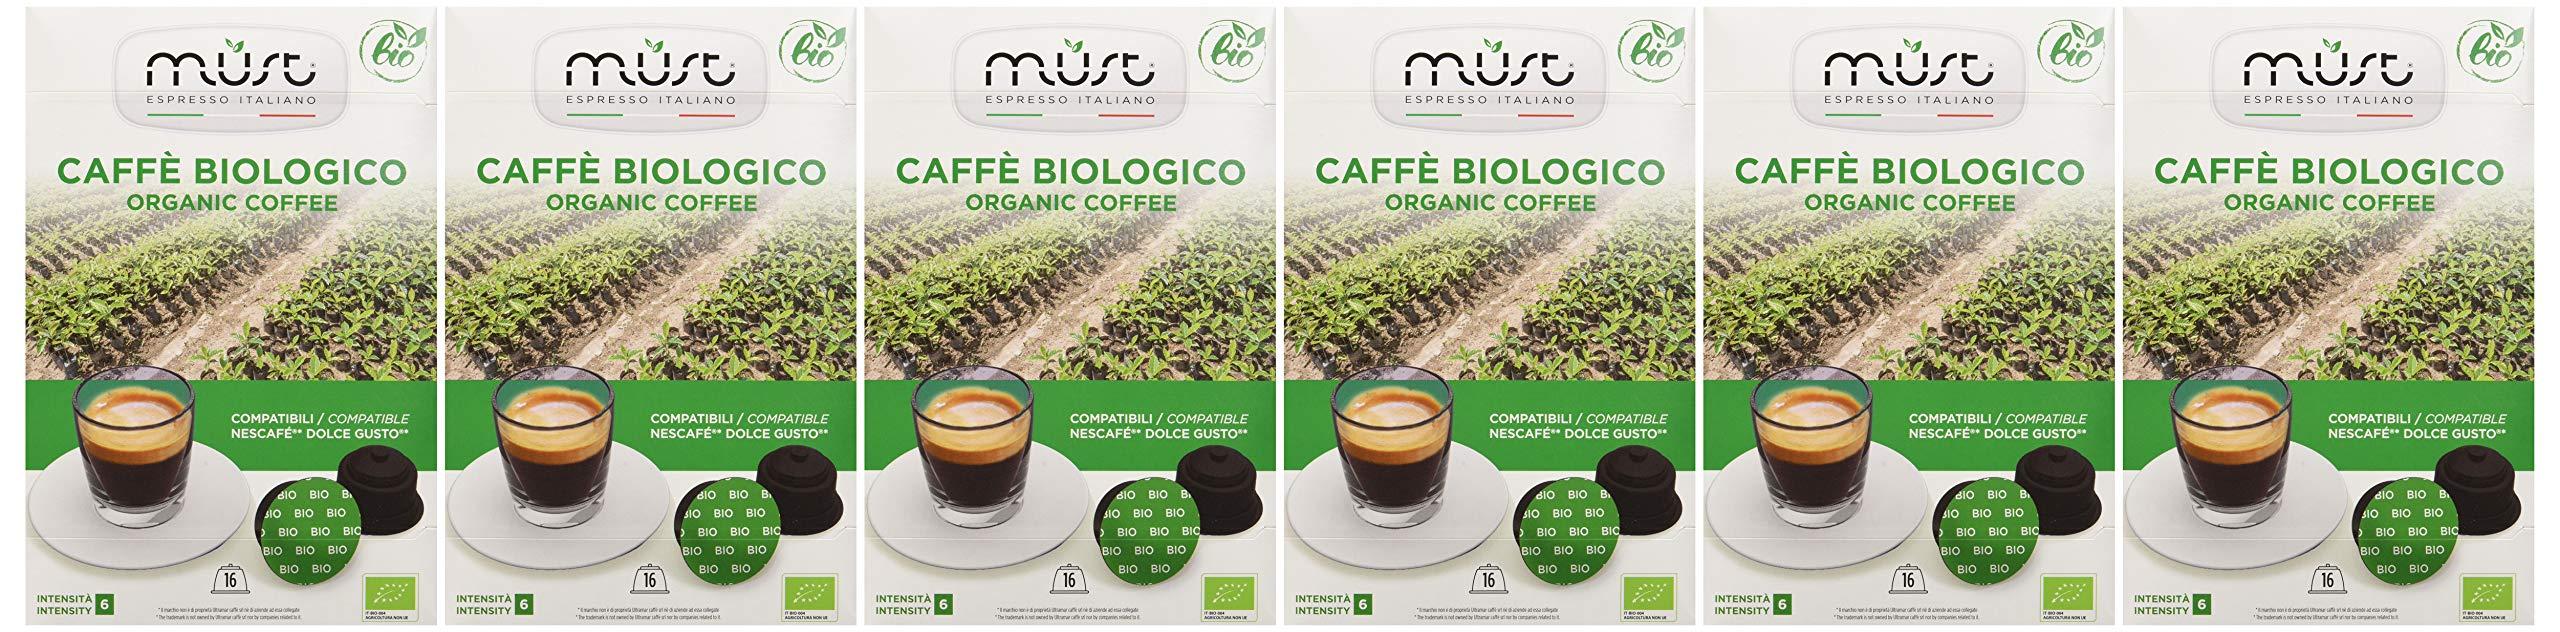 Must Espresso Italiano 96 Capsule Compatibili Dolce Gusto Caffè Bio - 6 confezioni da 16 capsule 2 spesavip